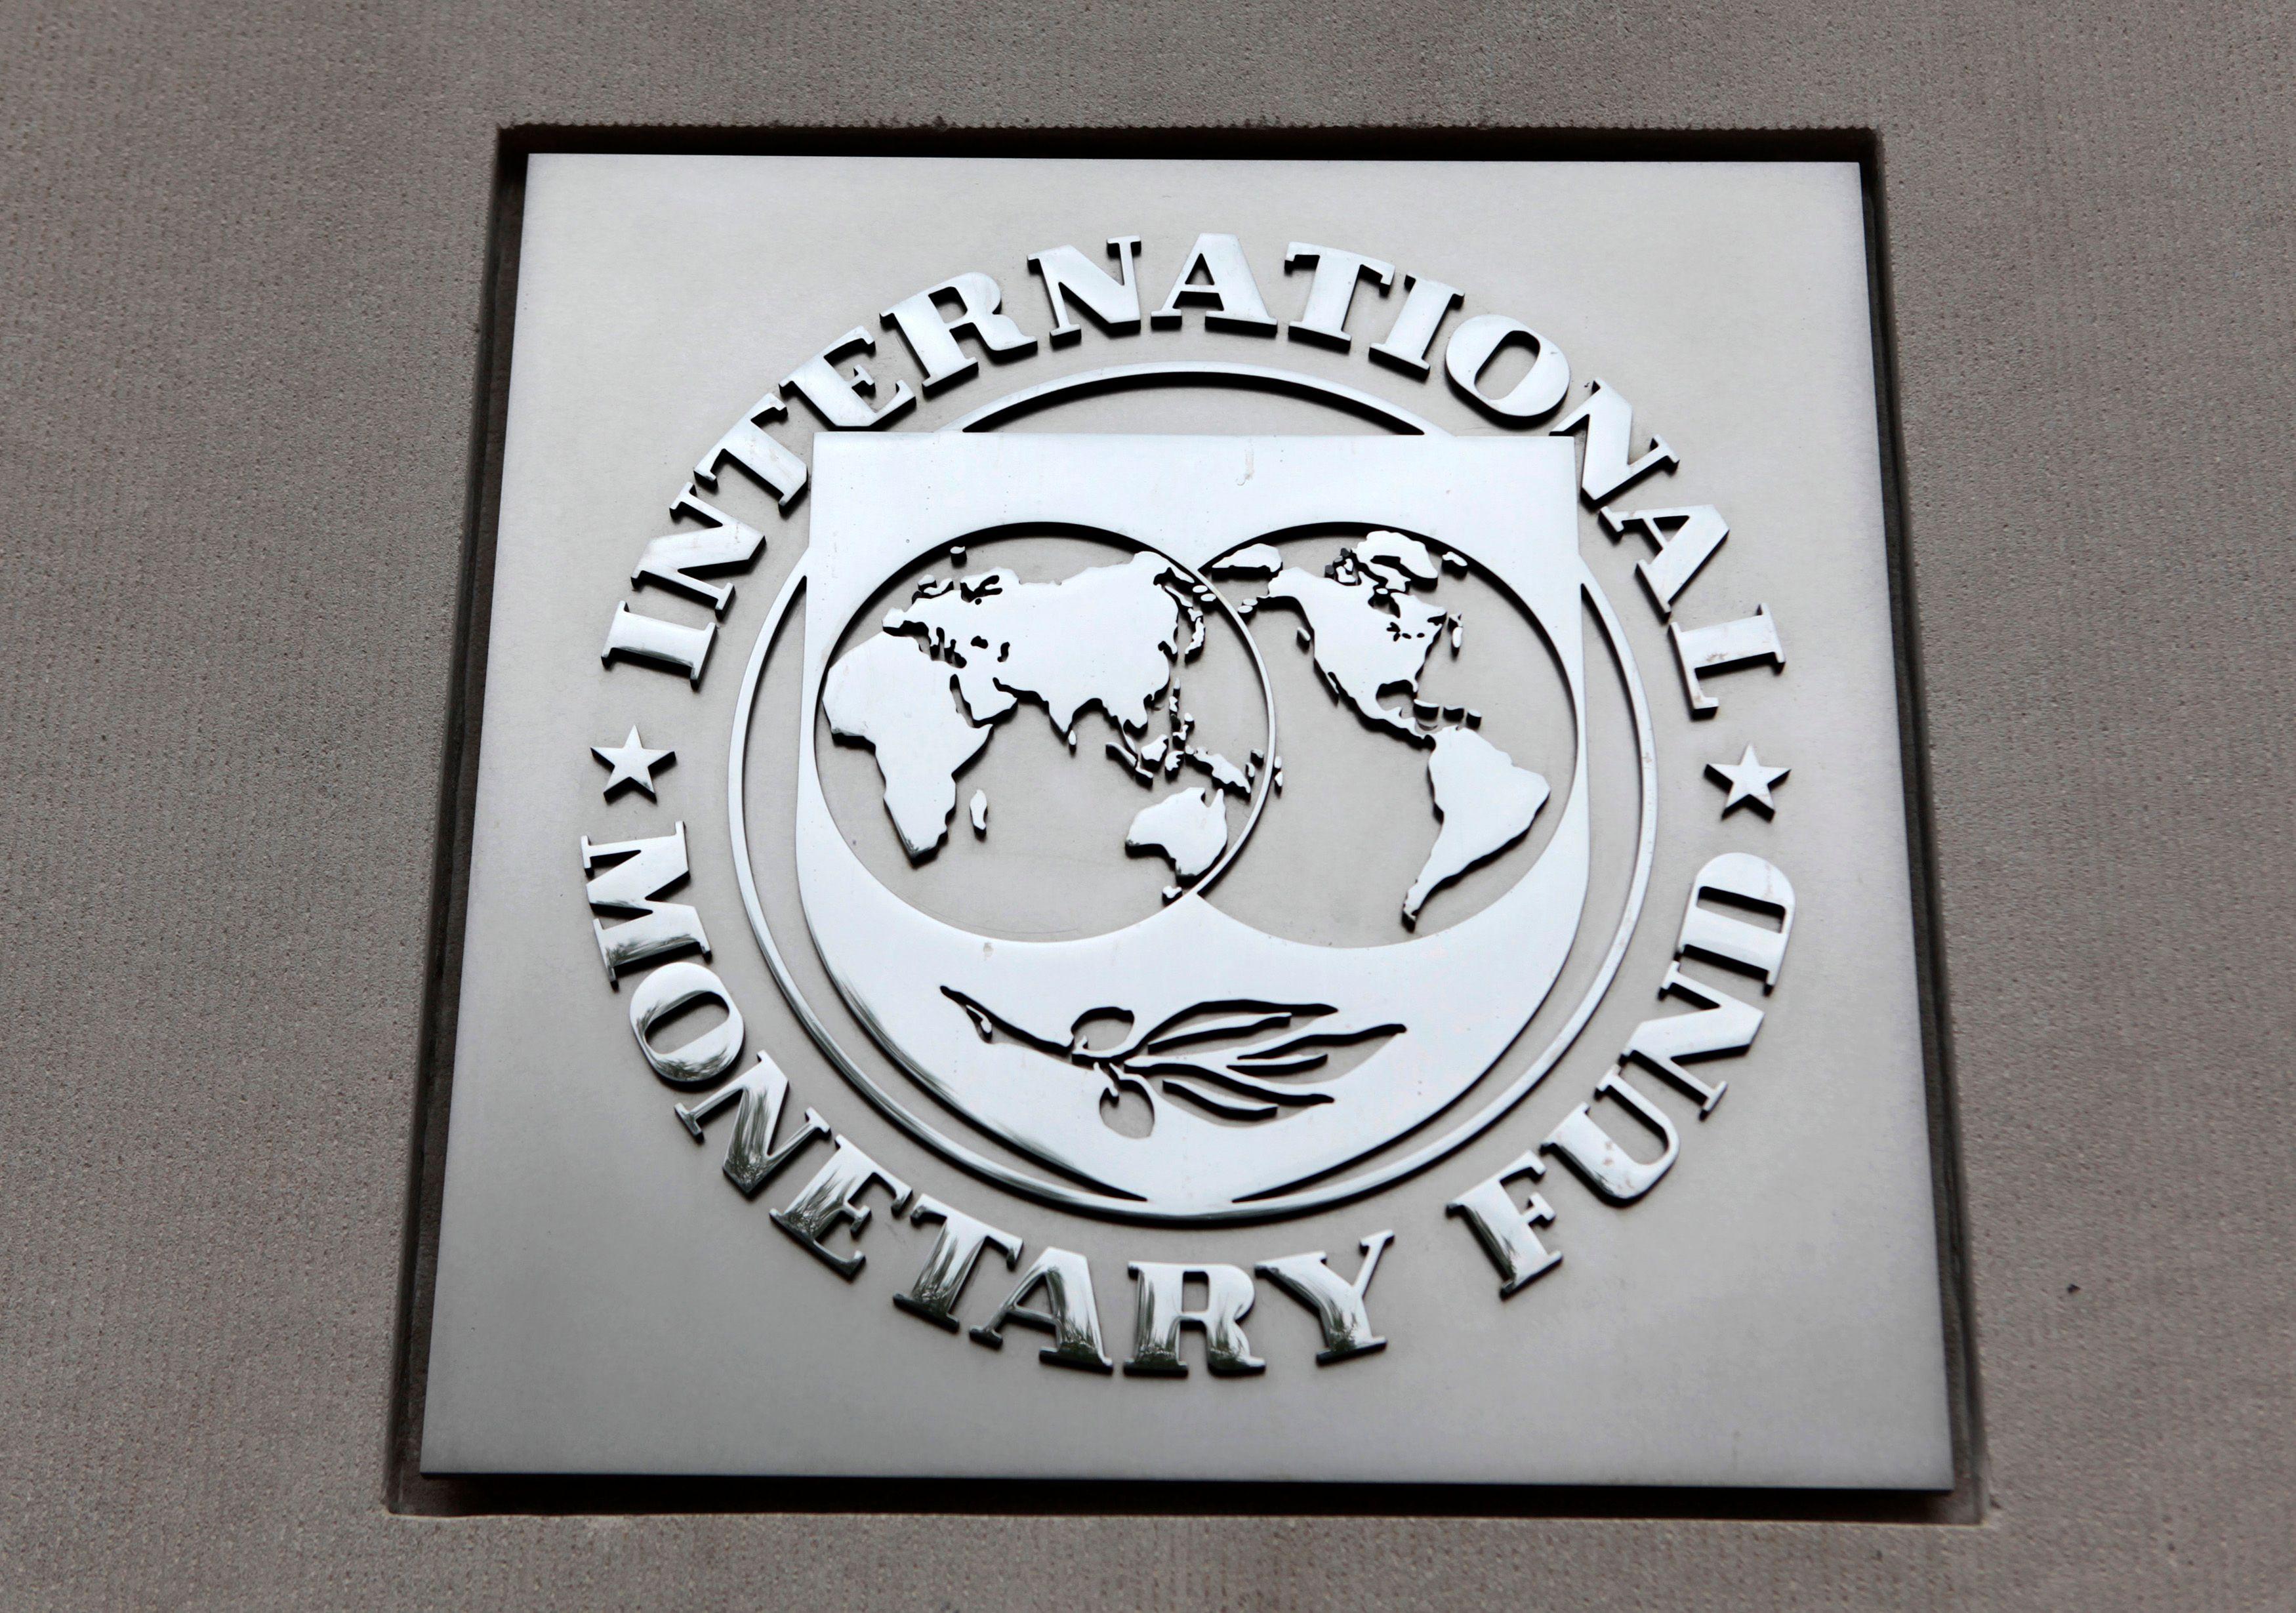 """Pourquoi il est grand temps de penser à refonder les grandes organisations internationales pour échapper à la """"fatalité"""" d'une mondialisation qui maltraite la France qui souffre"""